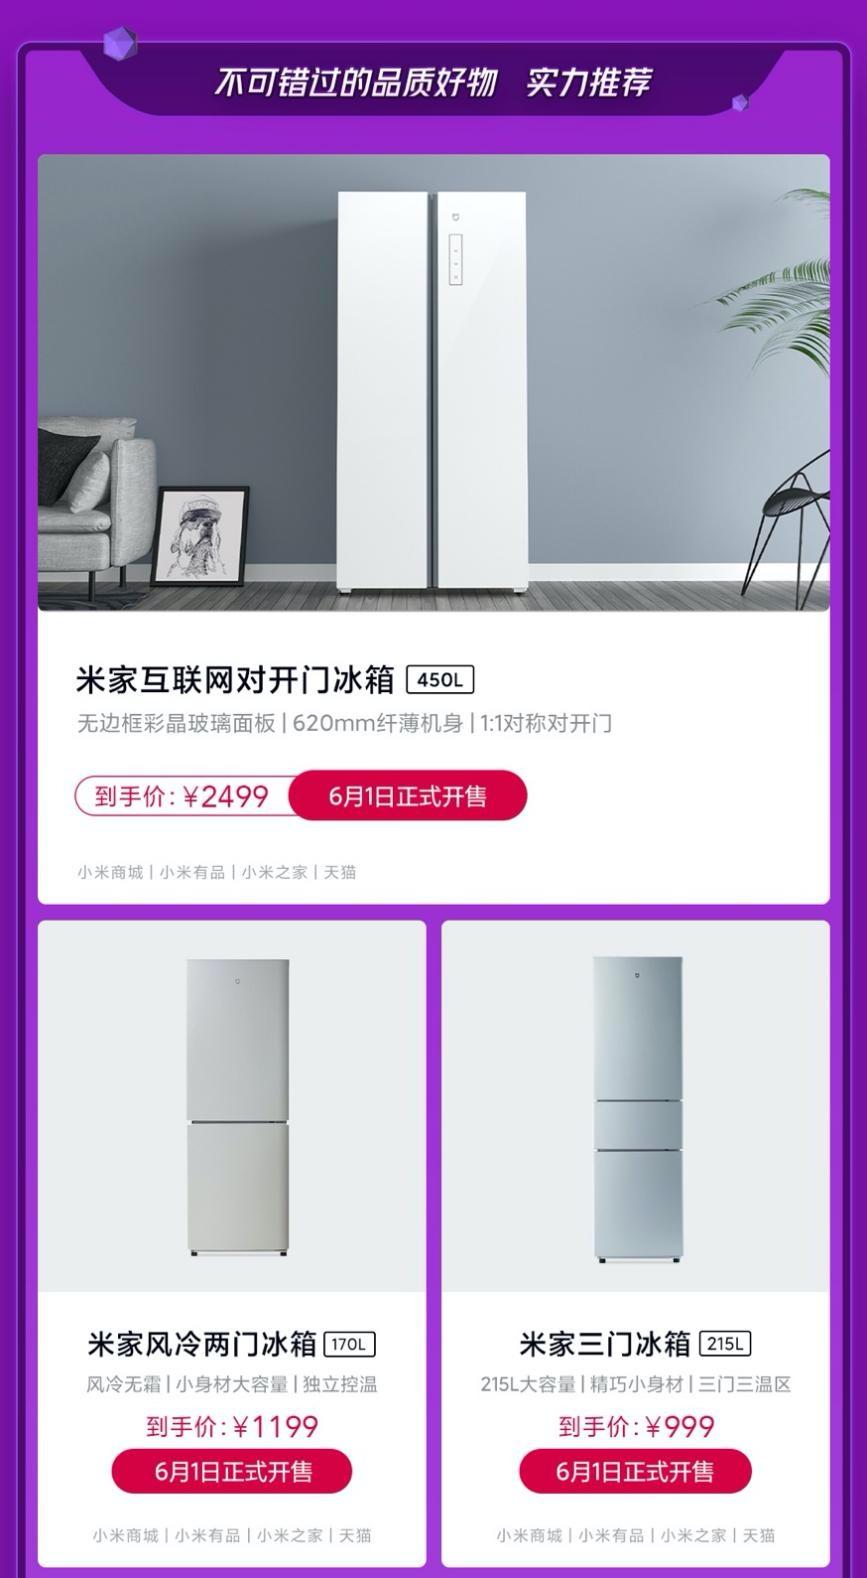 618不容错过智能家电!小米冰箱、空调、洗衣机开门红首销 智能公会